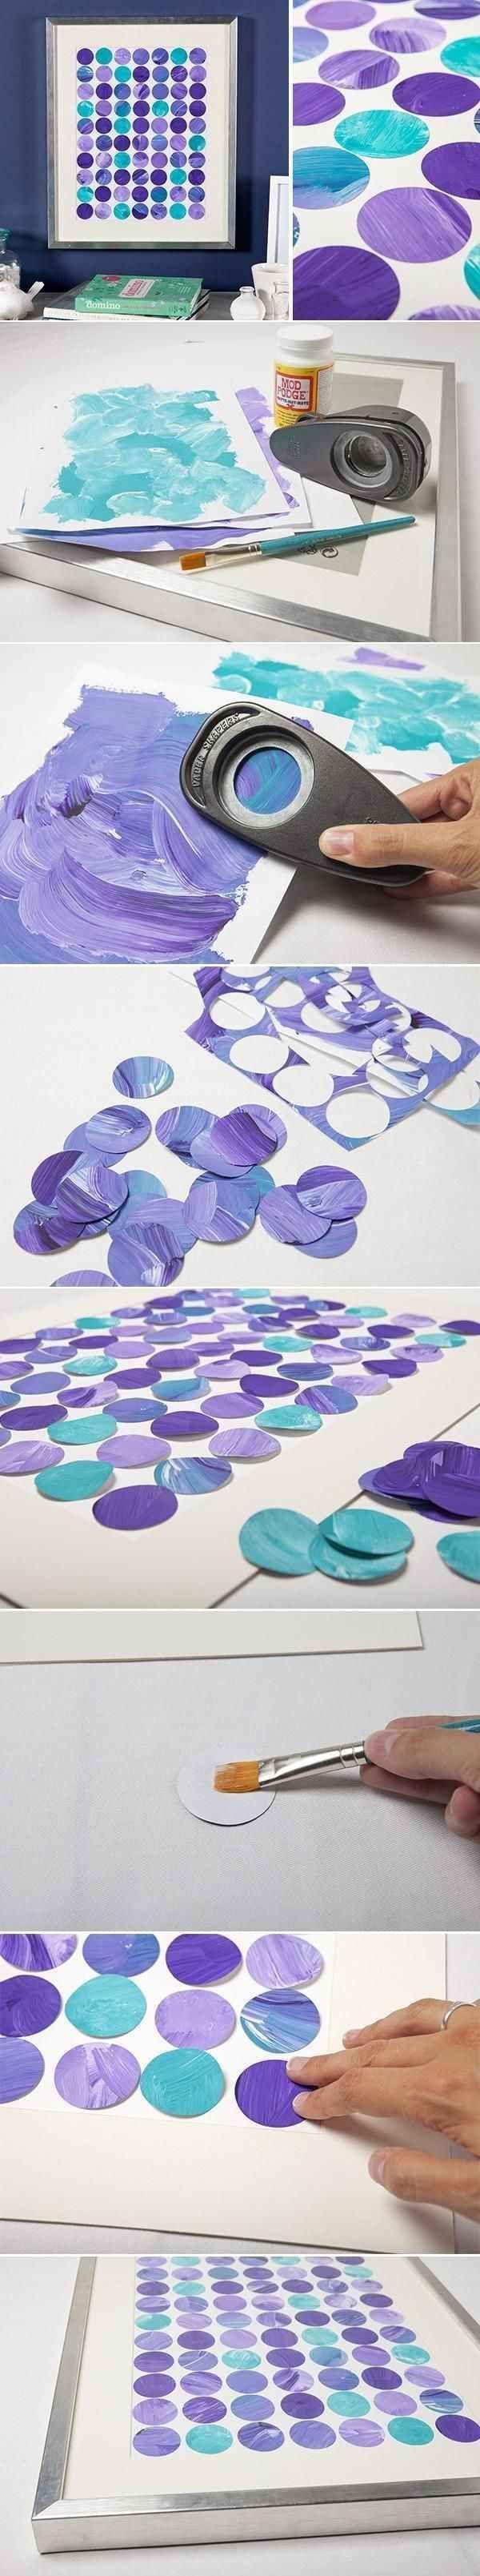 DIY wall art made of circles to make your walls pop!